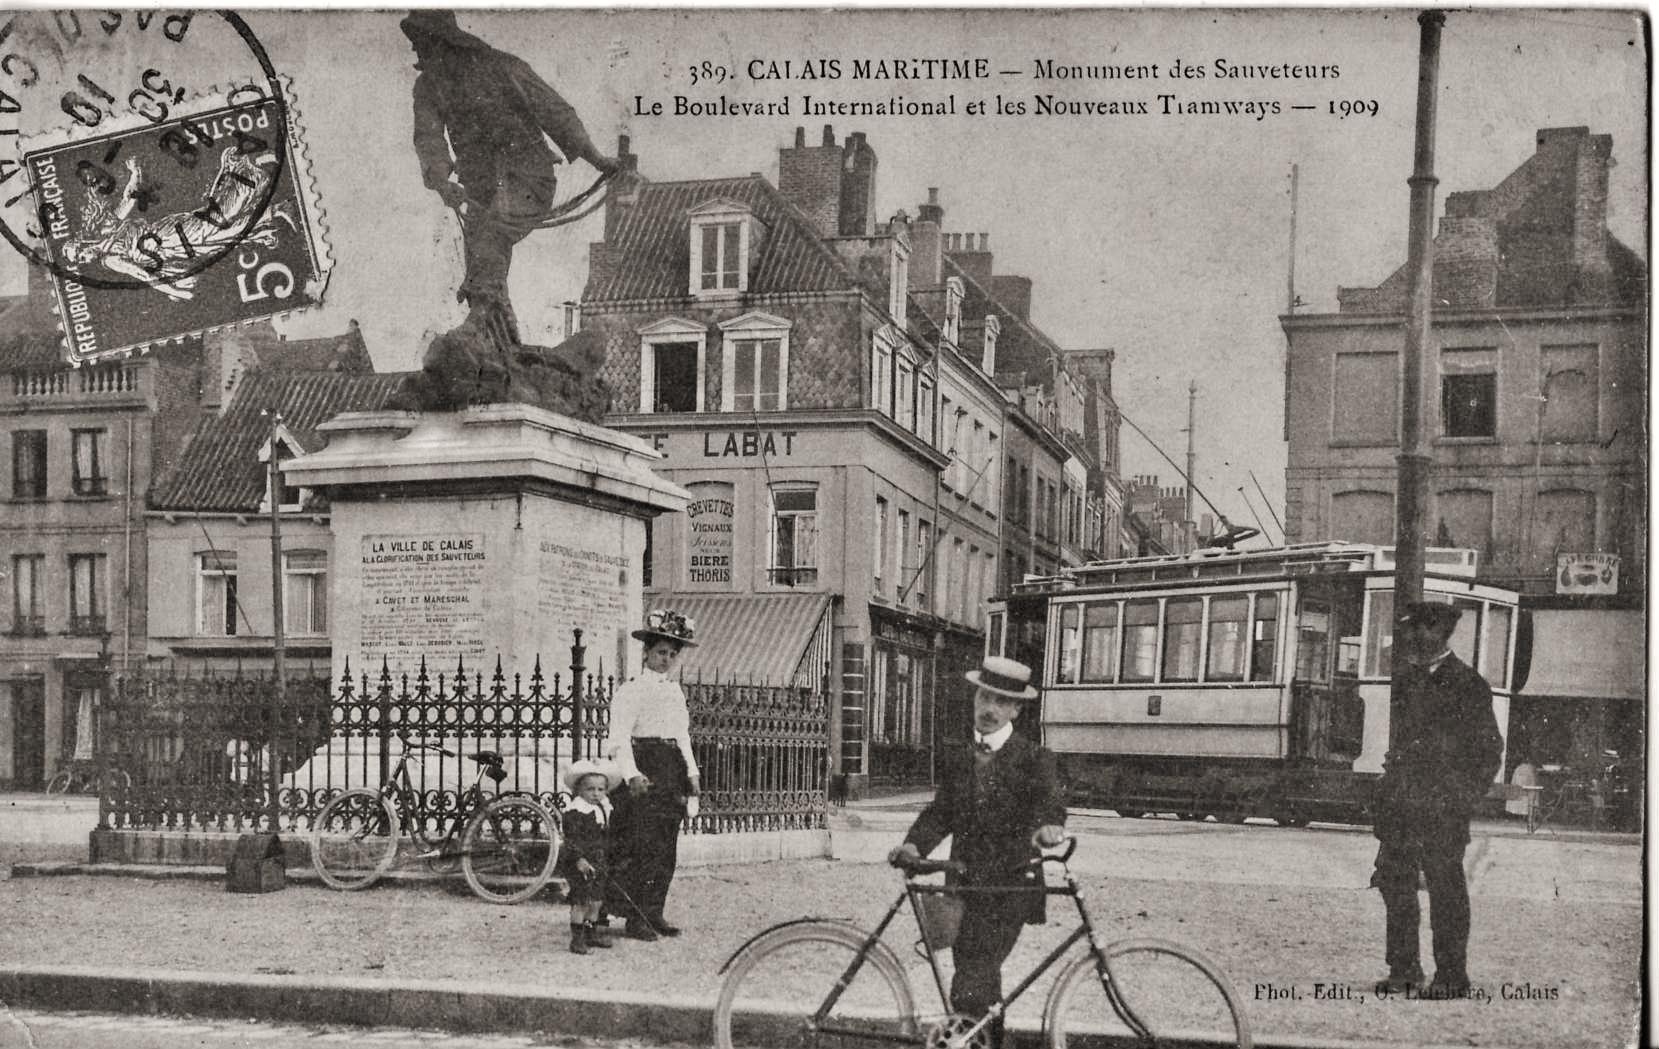 Calais monument des sauveteurs